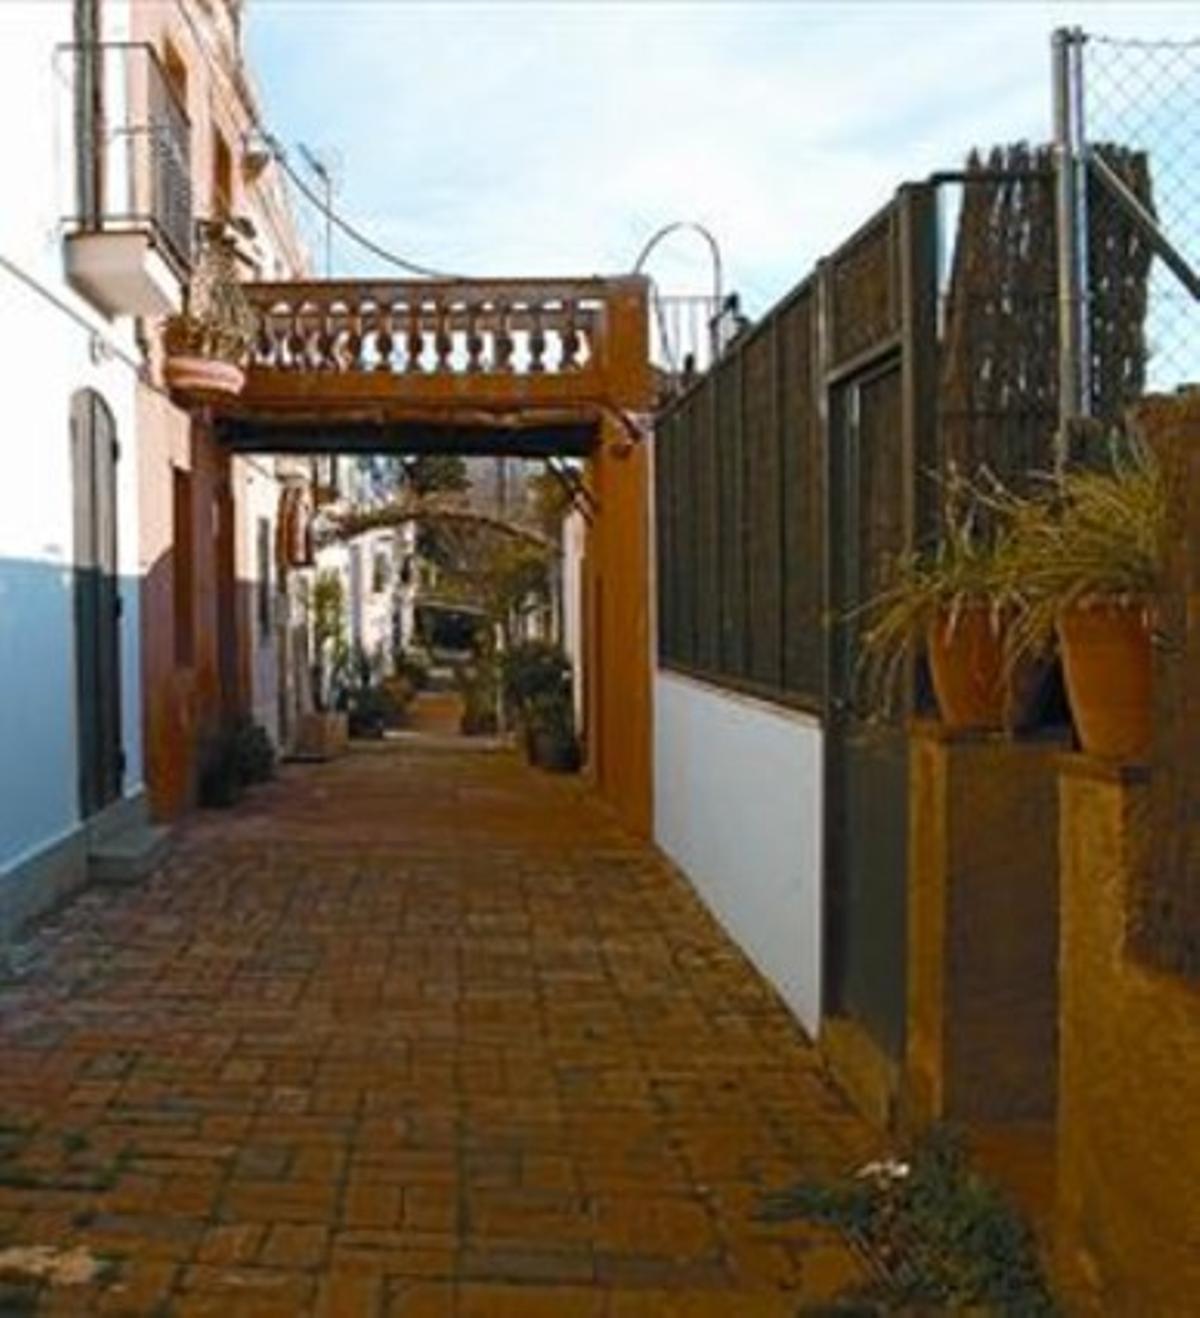 Testigo  8 La calle de Aiguafreda conserva casas con pozo y lavadero.